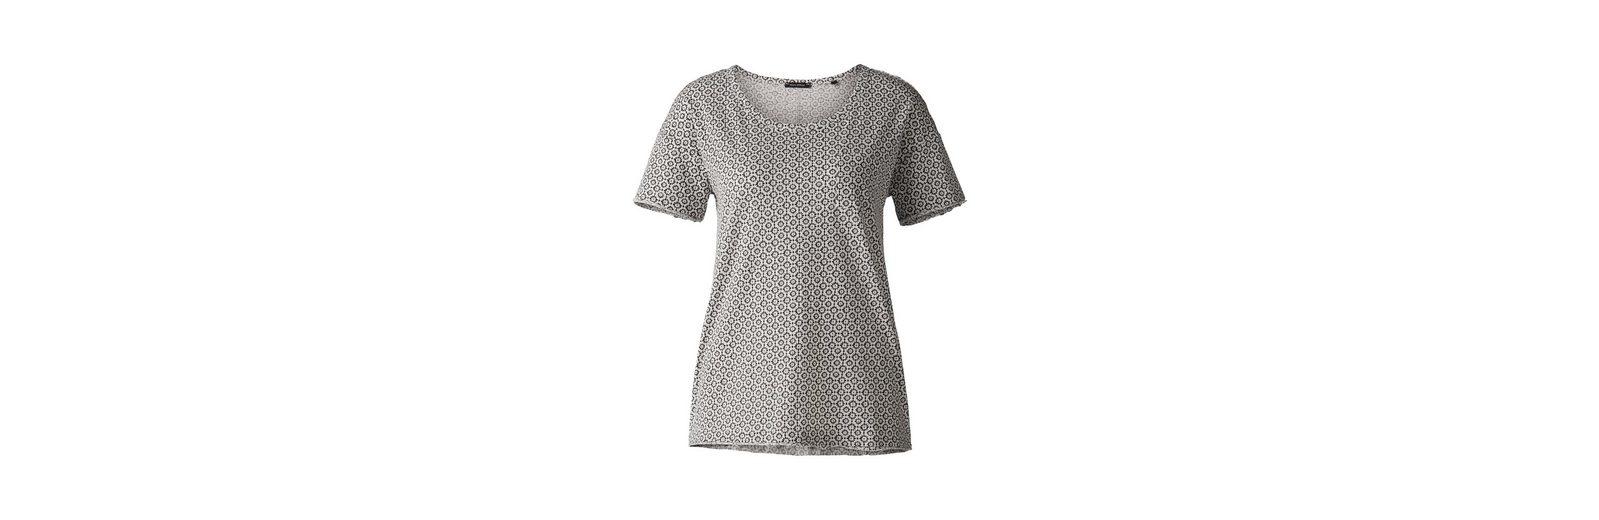 Marc O'Polo T-Shirt Günstig Kaufen Mit Kreditkarte Rabatt Billigsten Unisex iDA7k